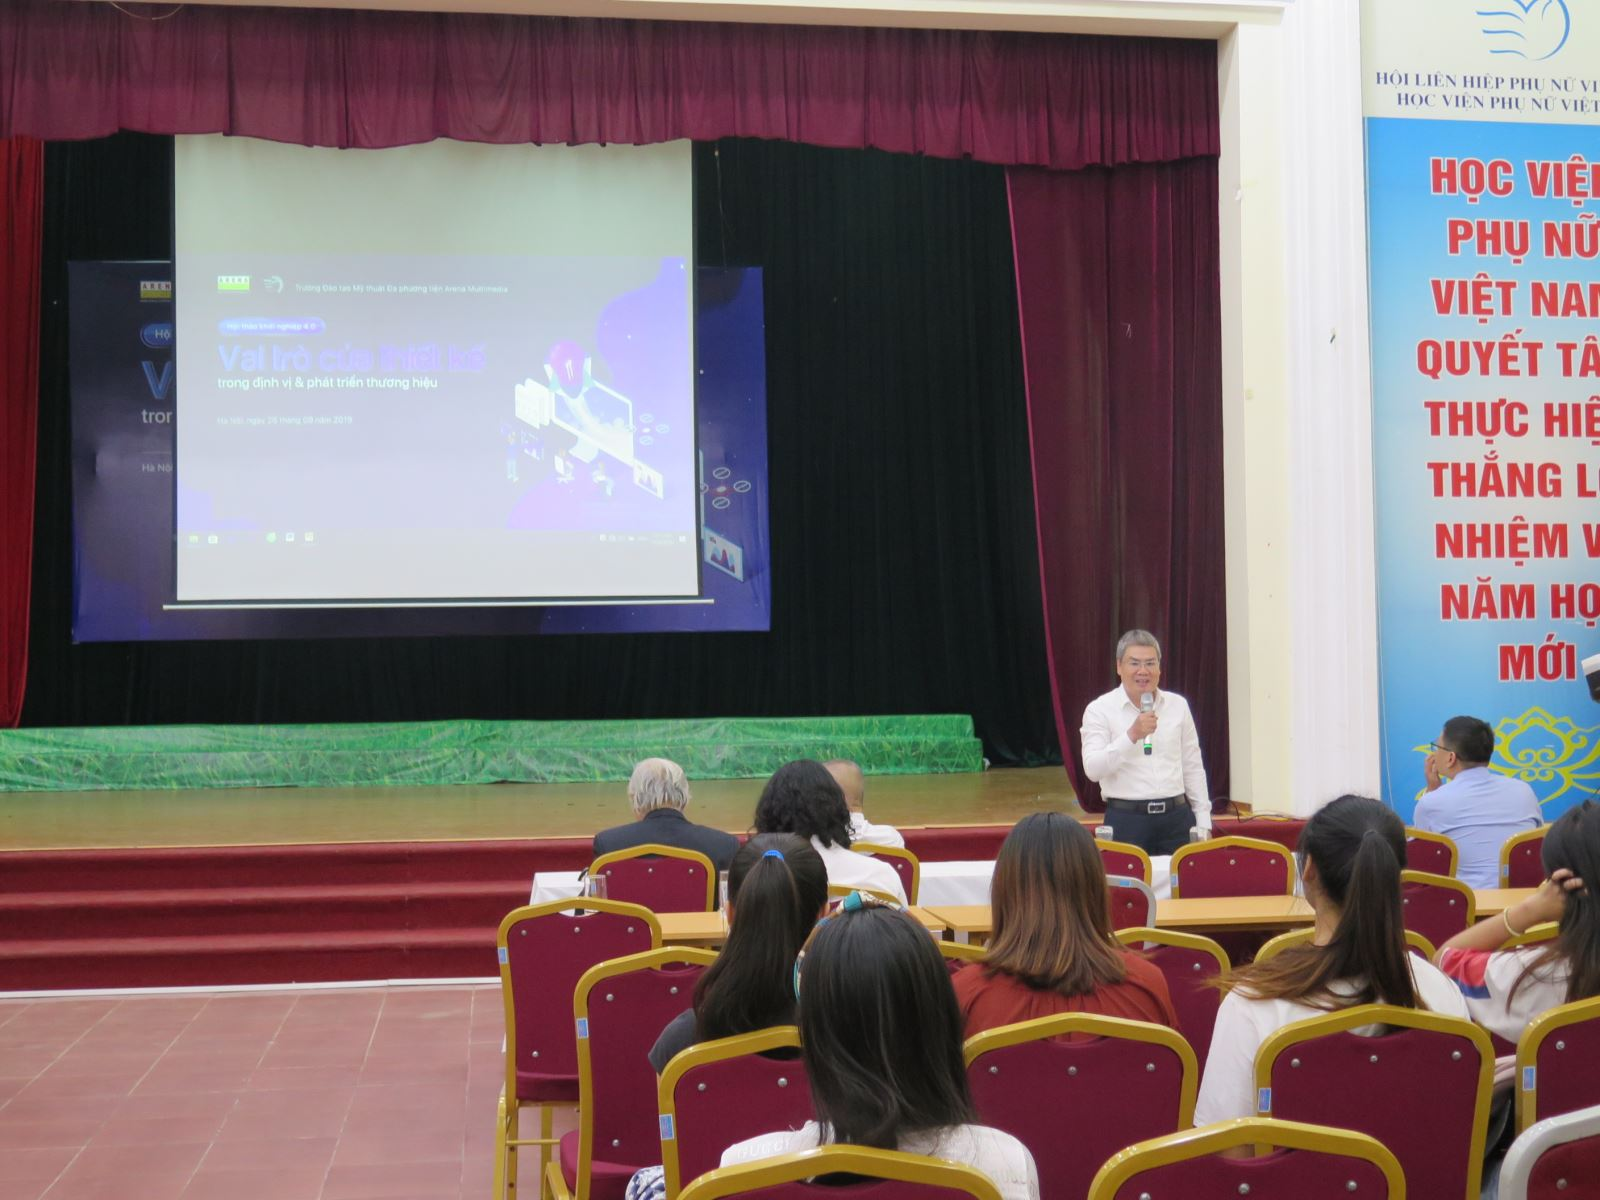 Hội thảo khoa học: Marketing cho Phụ nữ khởi nghiệp trong bối cảnh cách mạng công nghệ 4.0